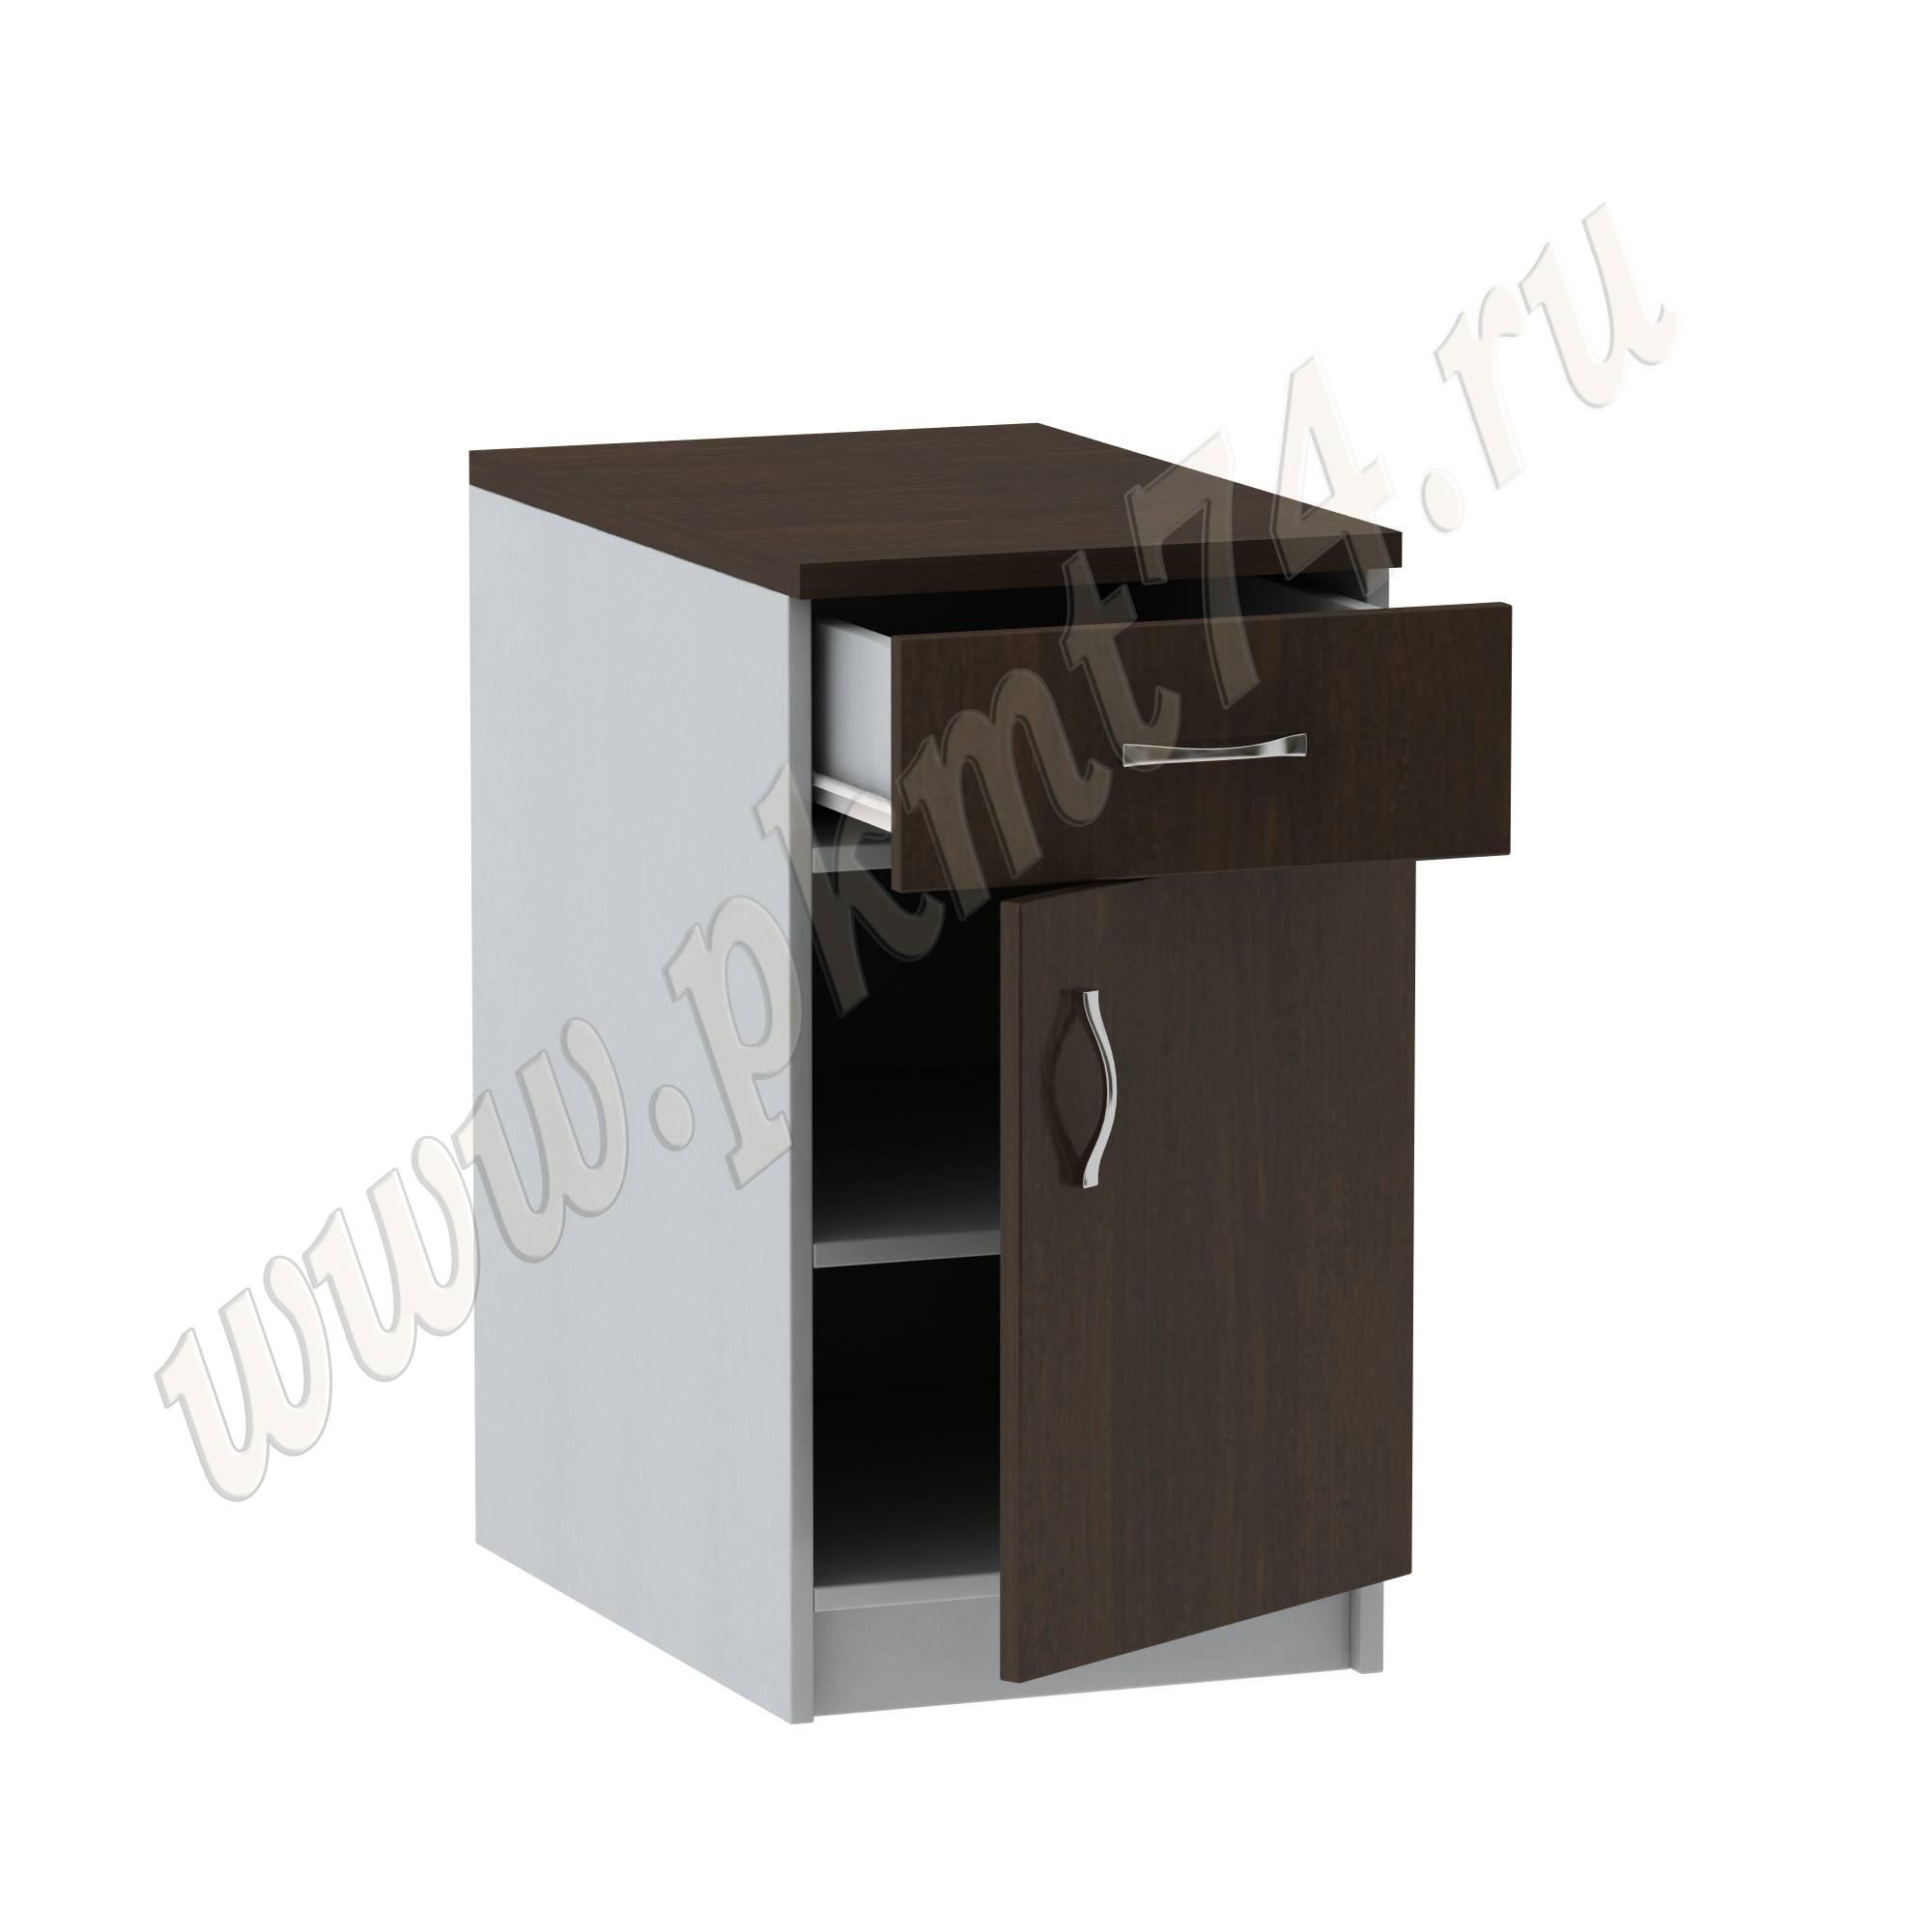 Тумба стационарная офисная с ящиком [Стандартный цвет:: Орех; Цвета ЛДСП на выбор:: Алюминий-Венге]